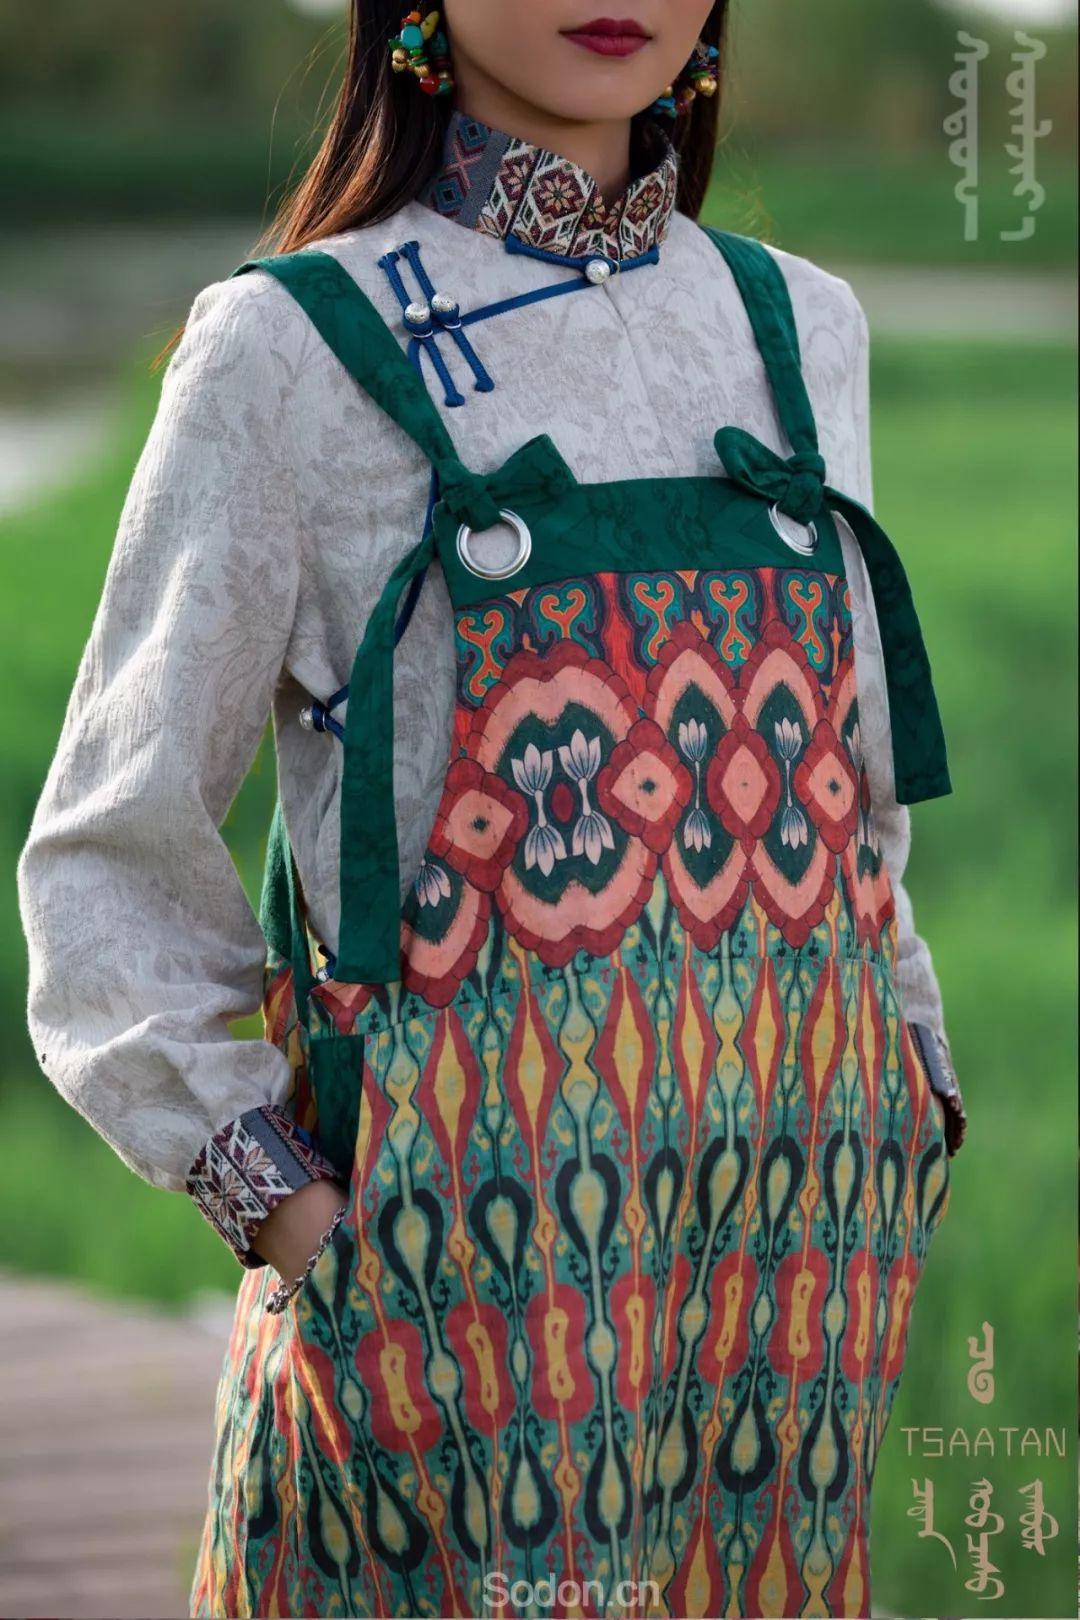 TSAATAN蒙古时装 2019新款,来自驯鹿人的独特魅力! 第79张 TSAATAN蒙古时装 2019新款,来自驯鹿人的独特魅力! 蒙古服饰